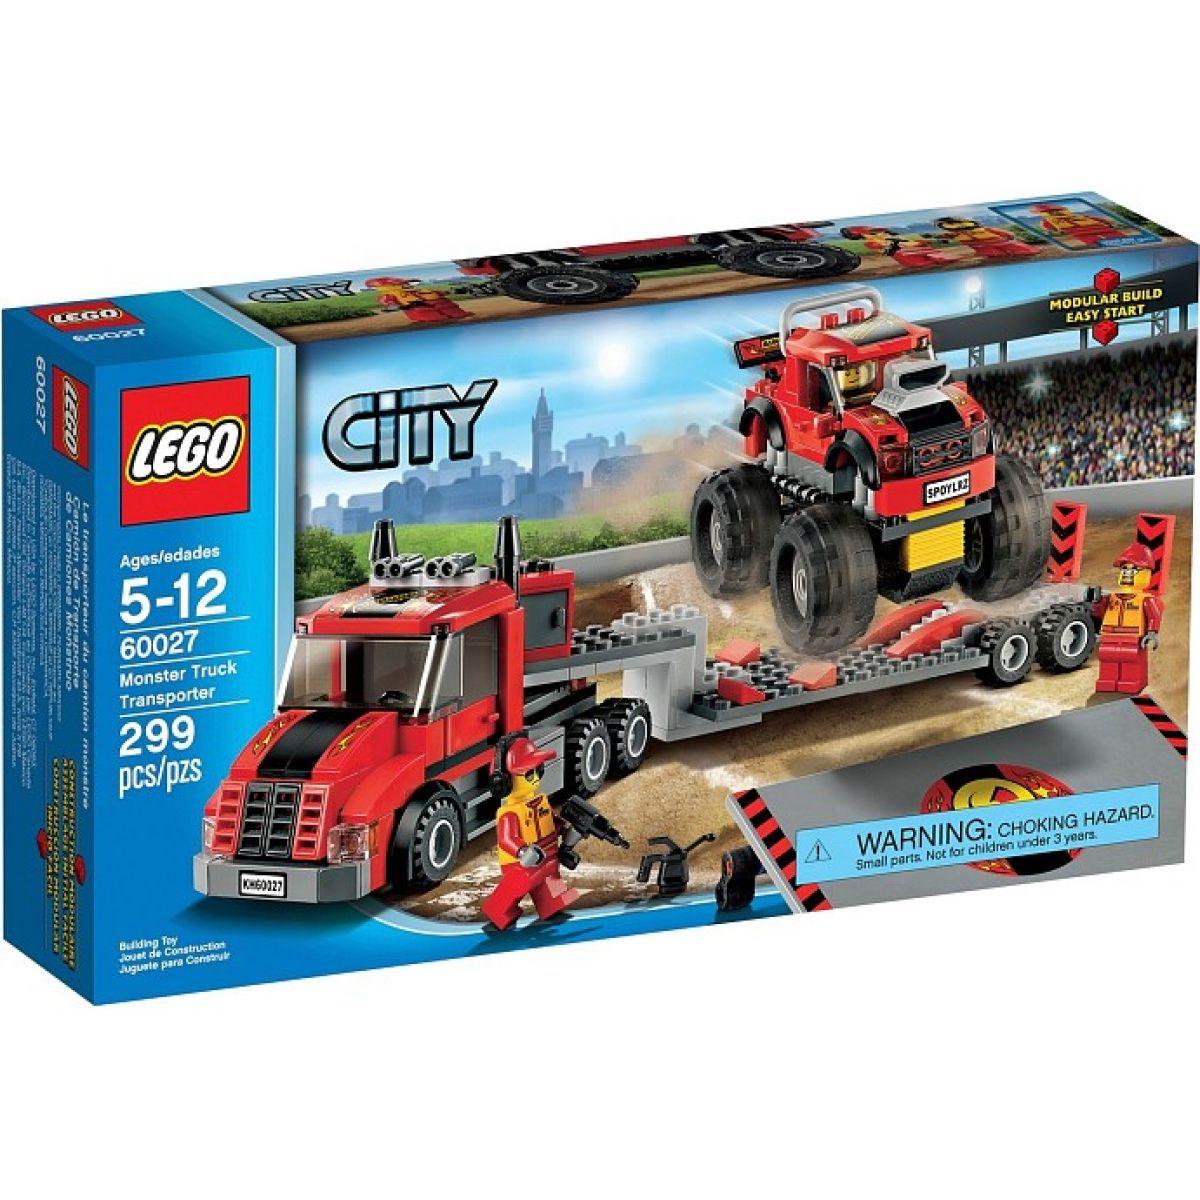 LEGO City 60027 Transportér Monster trucků